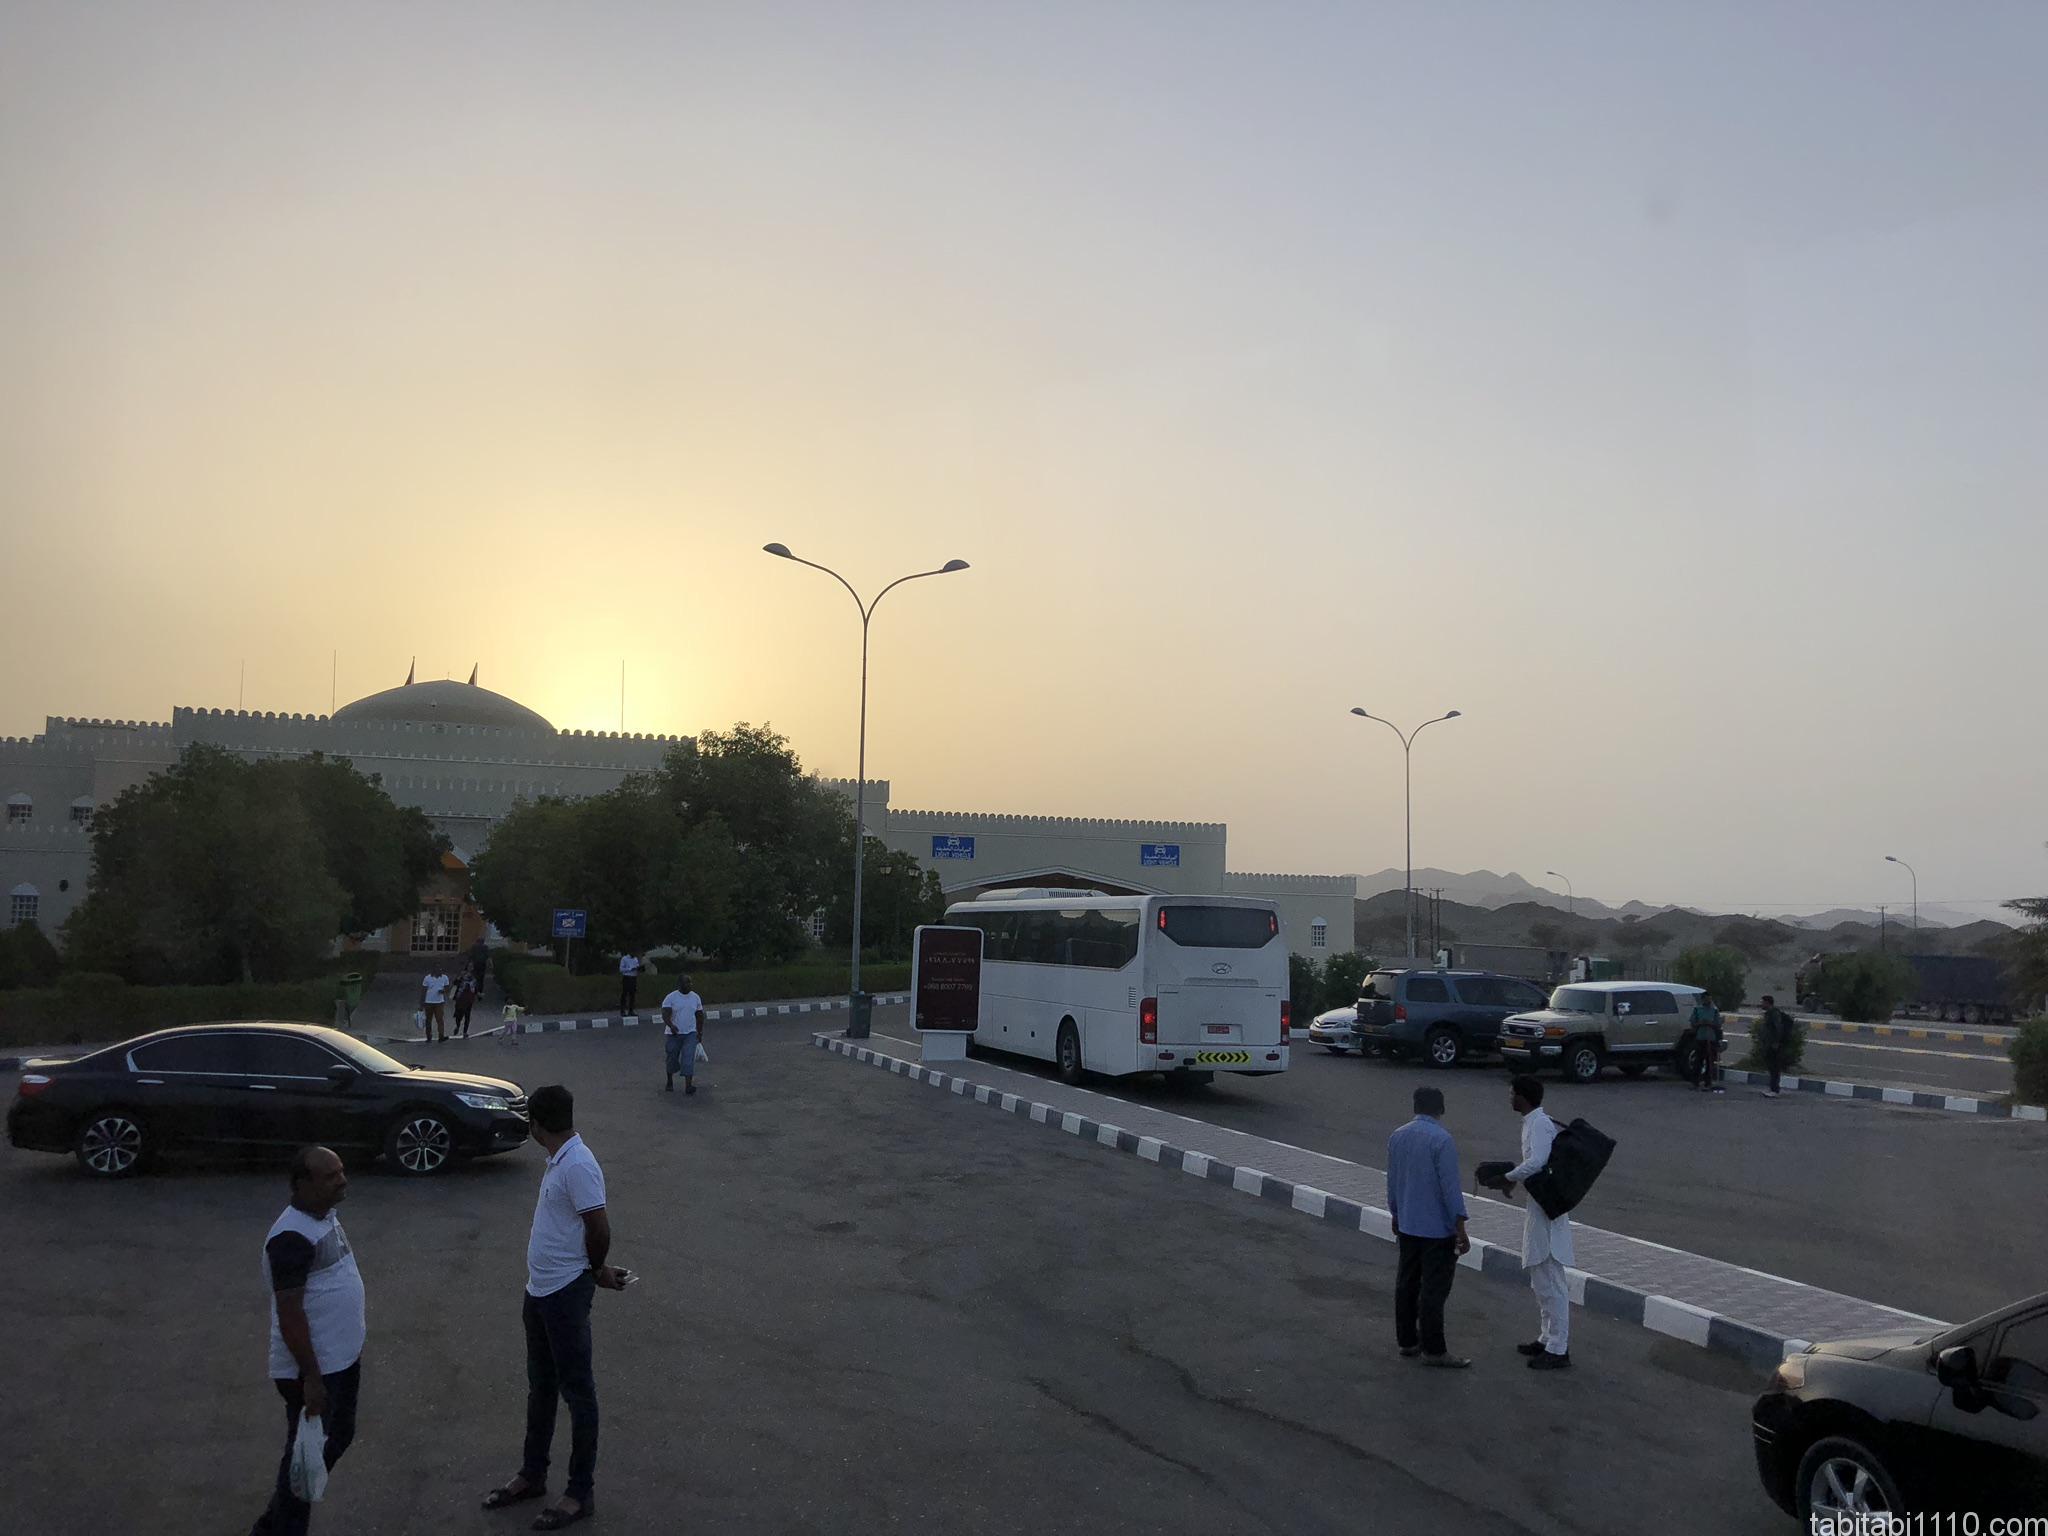 ドバイ⇆マスカット間のバス|オマーン国境